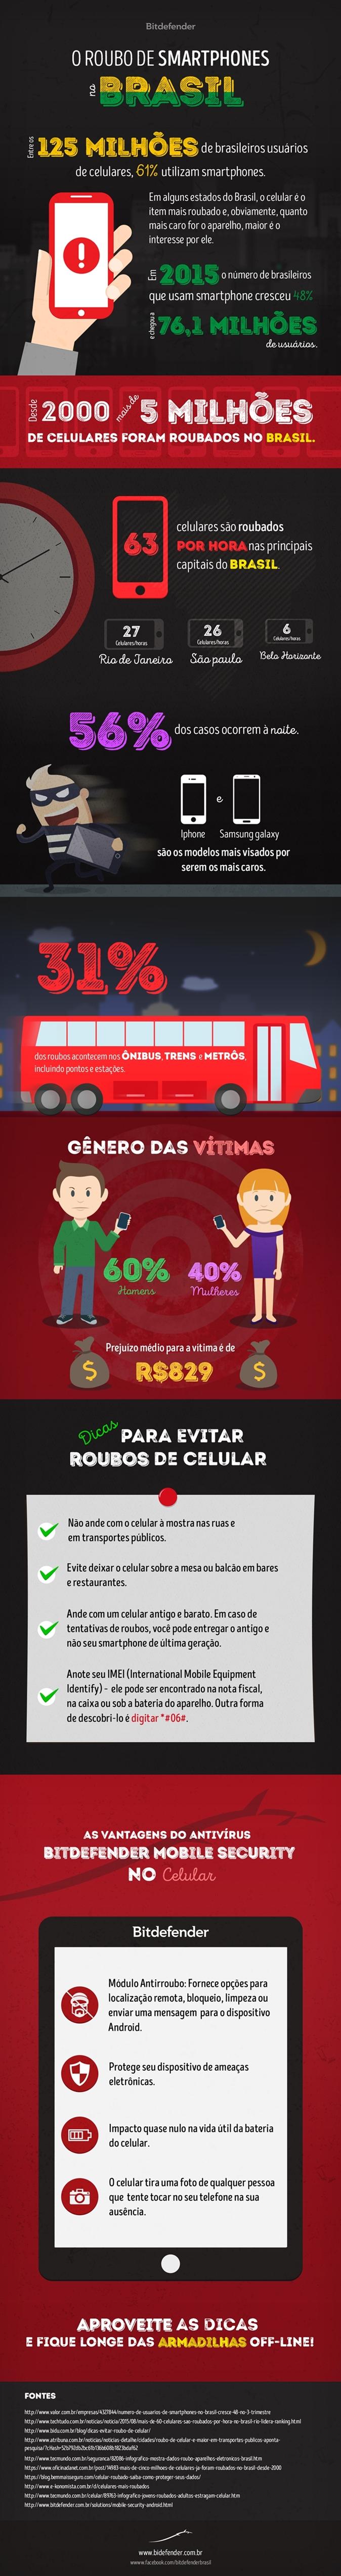 Infografico-Roubo-Celular (3)